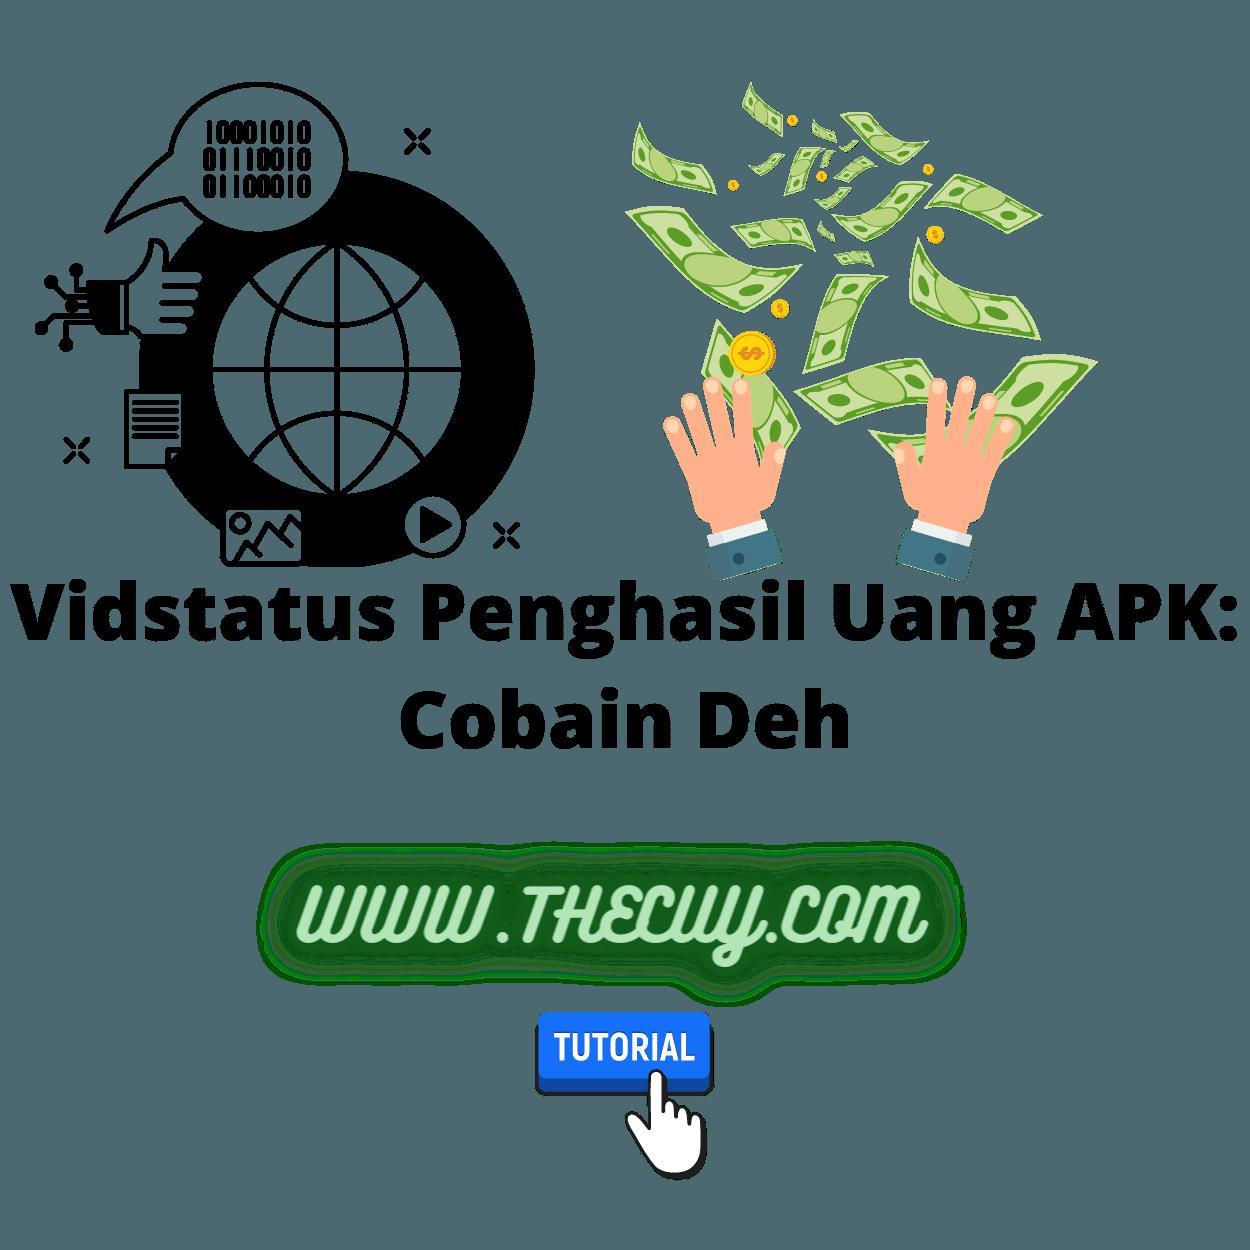 Vidstatus Penghasil Uang APK: Cobain Deh